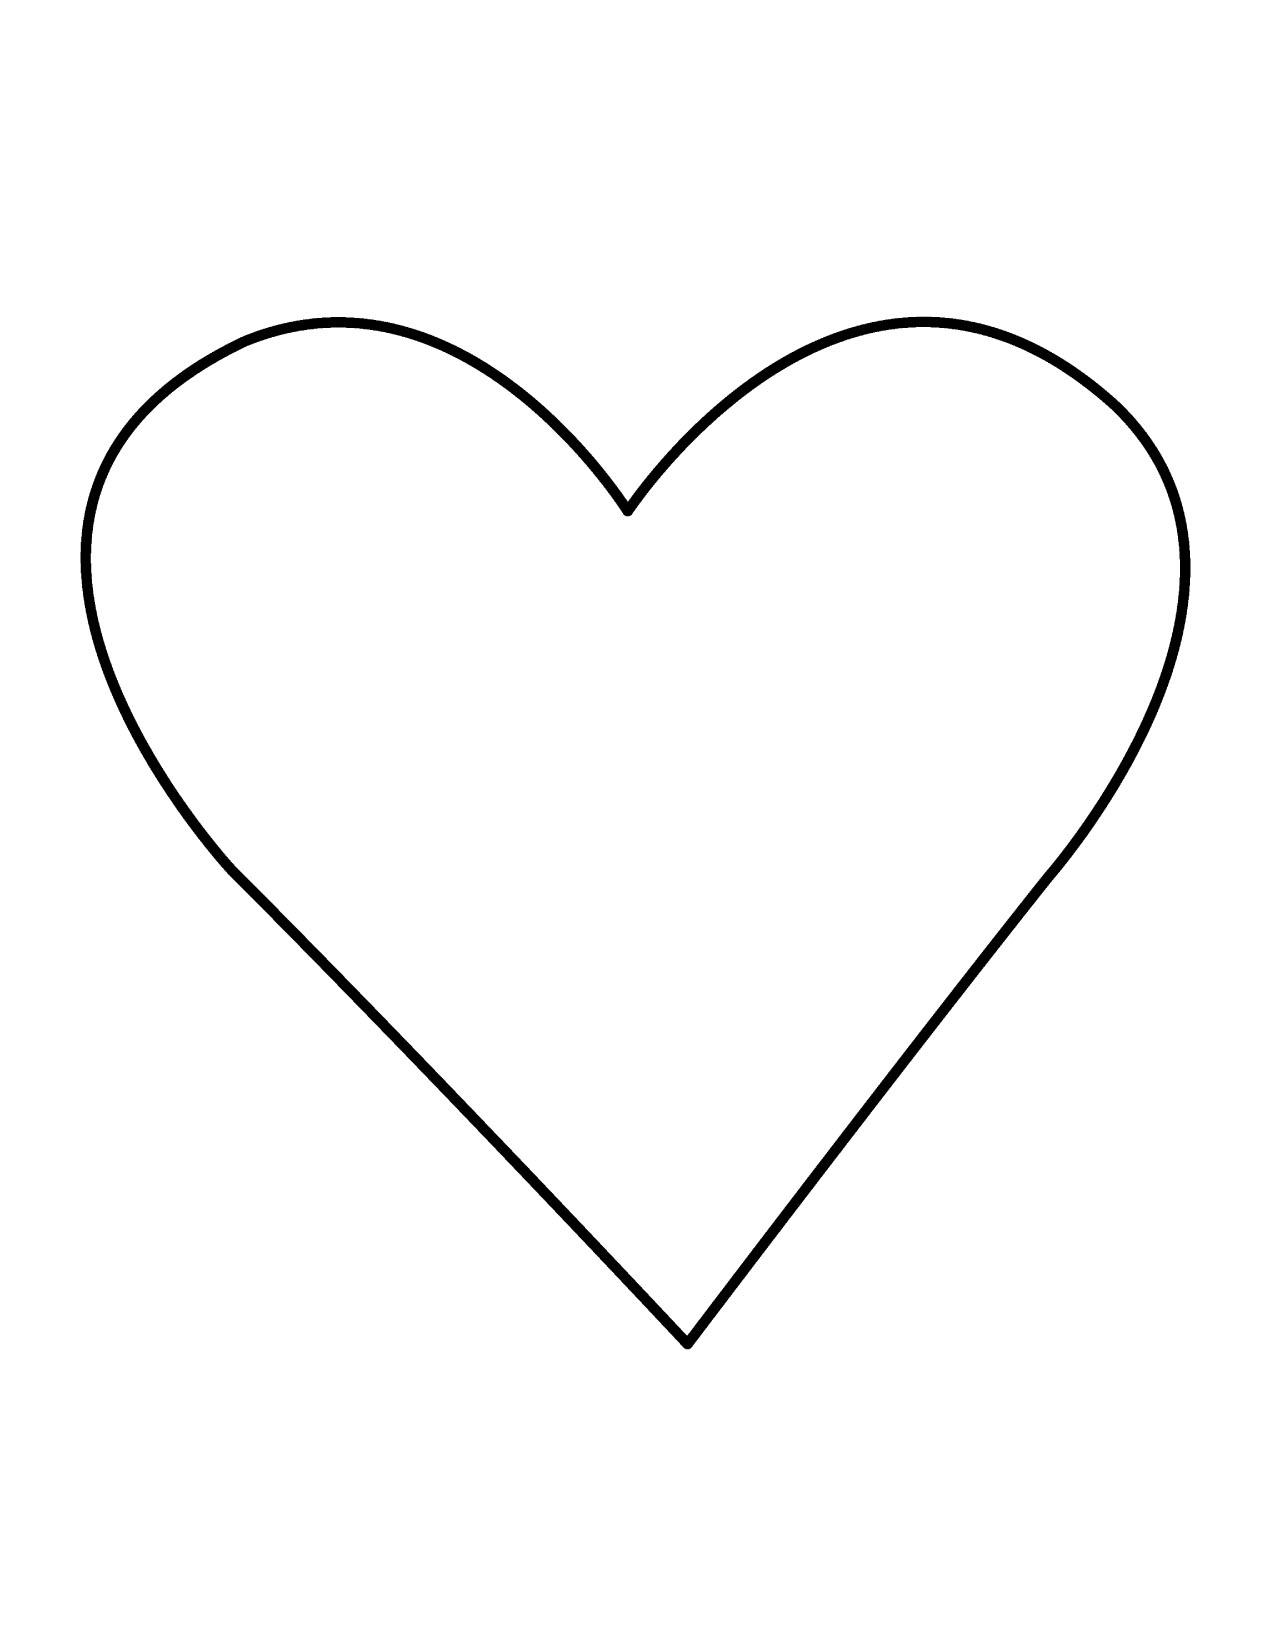 Clip Art Heart Outline